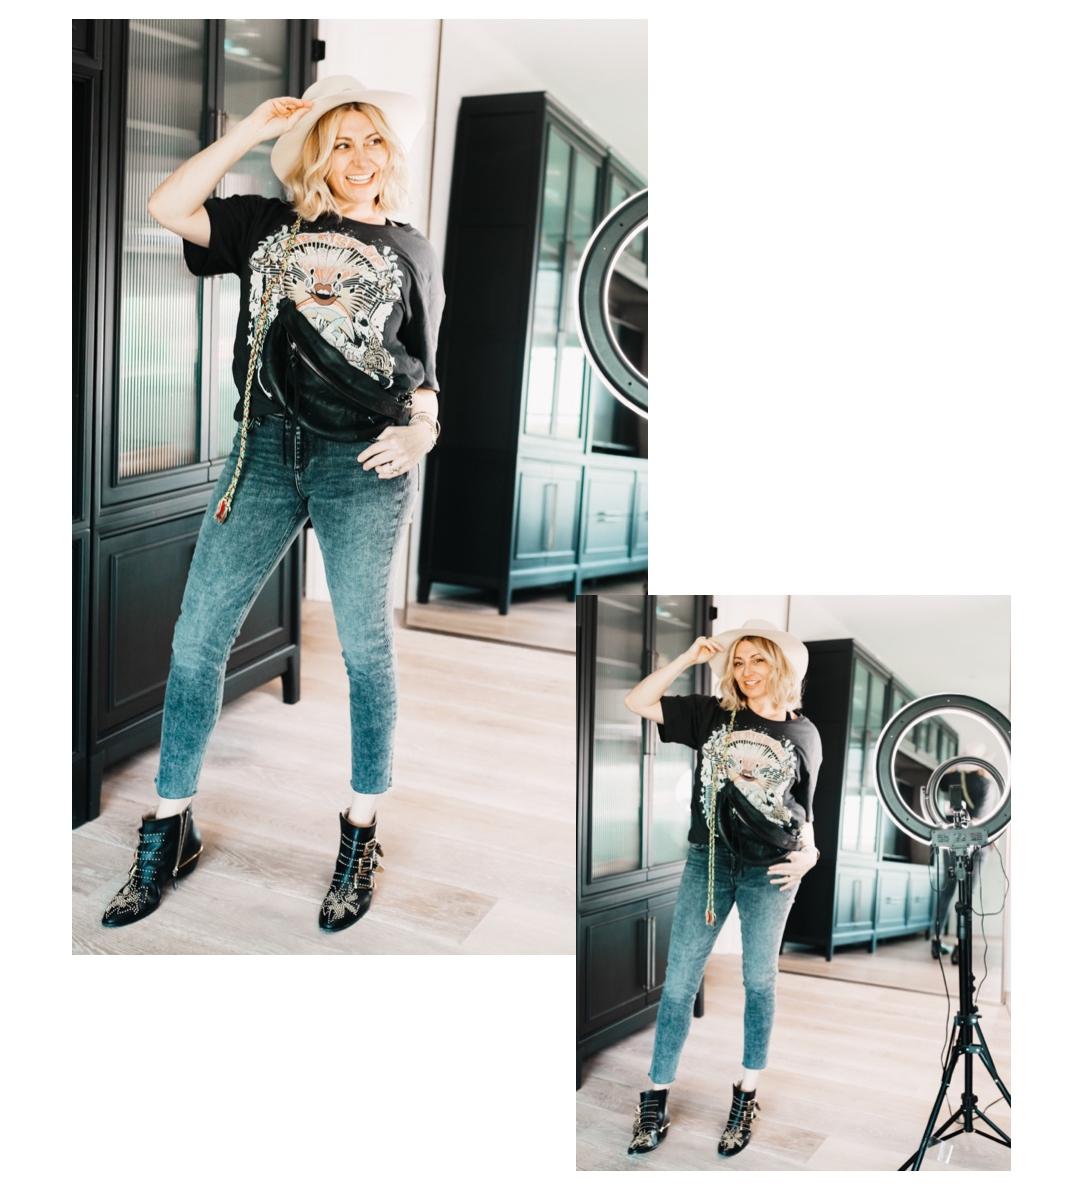 stylish woman posing